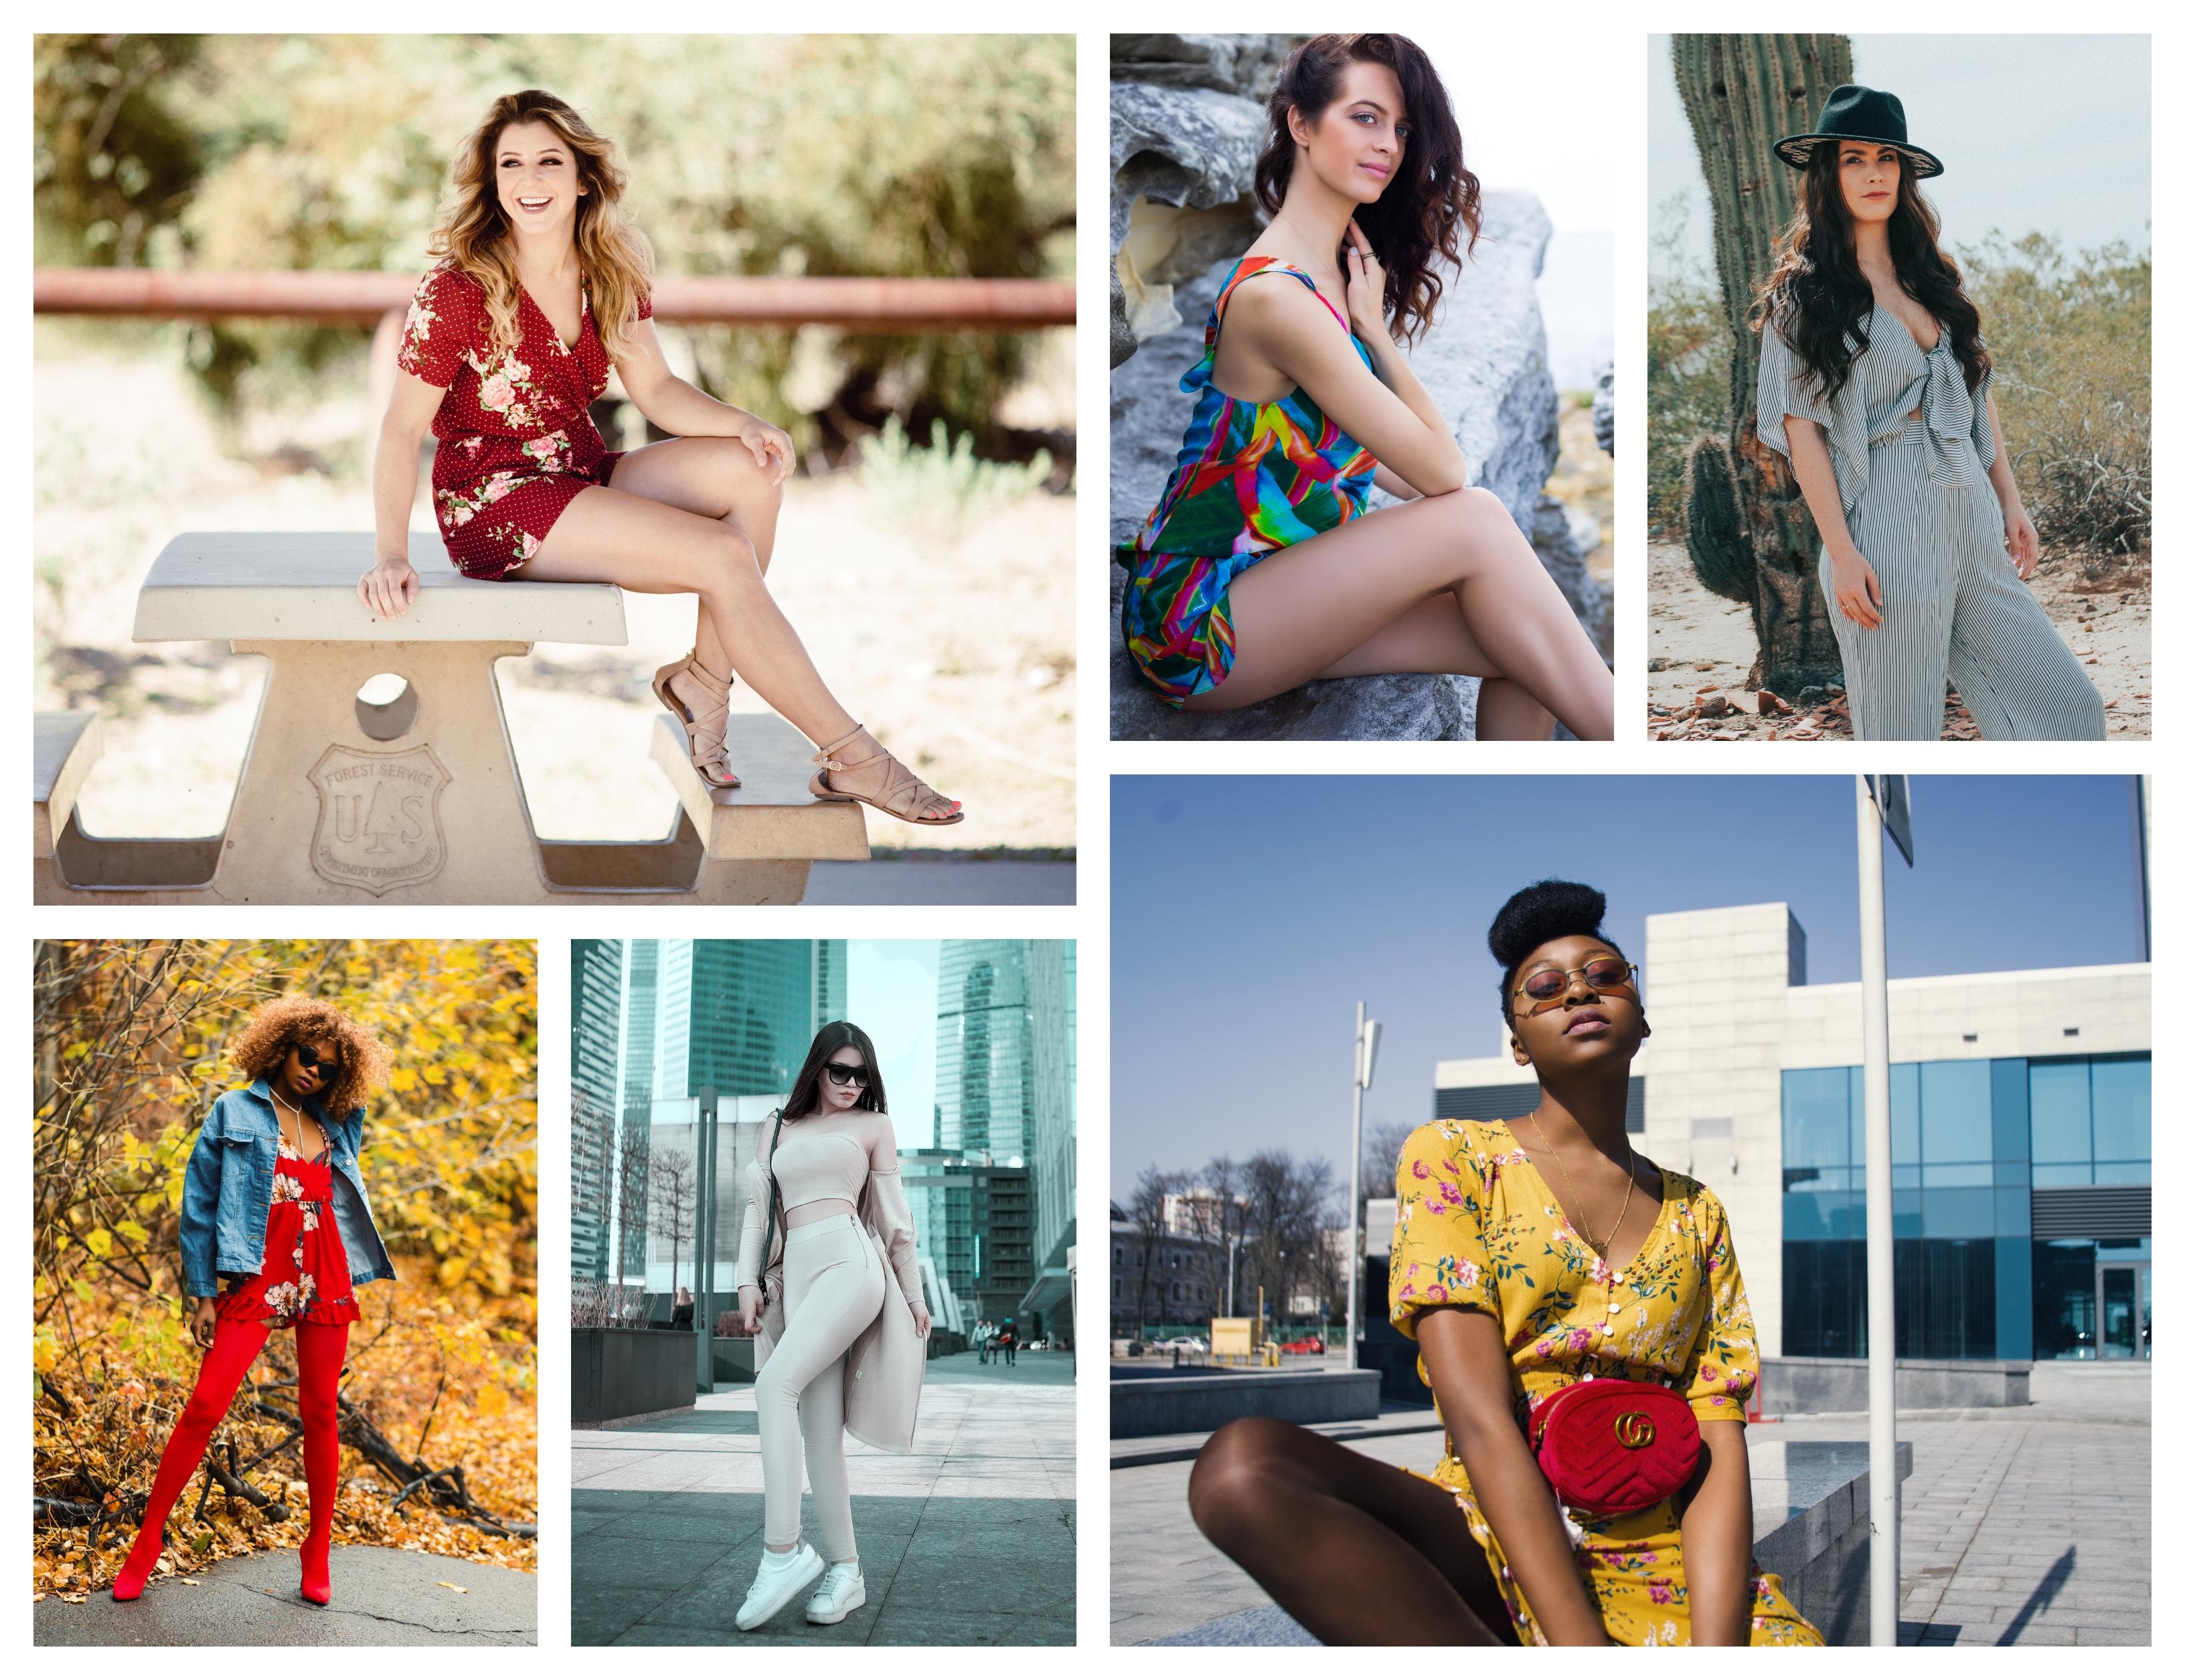 Short combinaison femme chic, mode d'été 2019, Idées comment s'habiller pour l'été, mode femme tenue décontracté chic